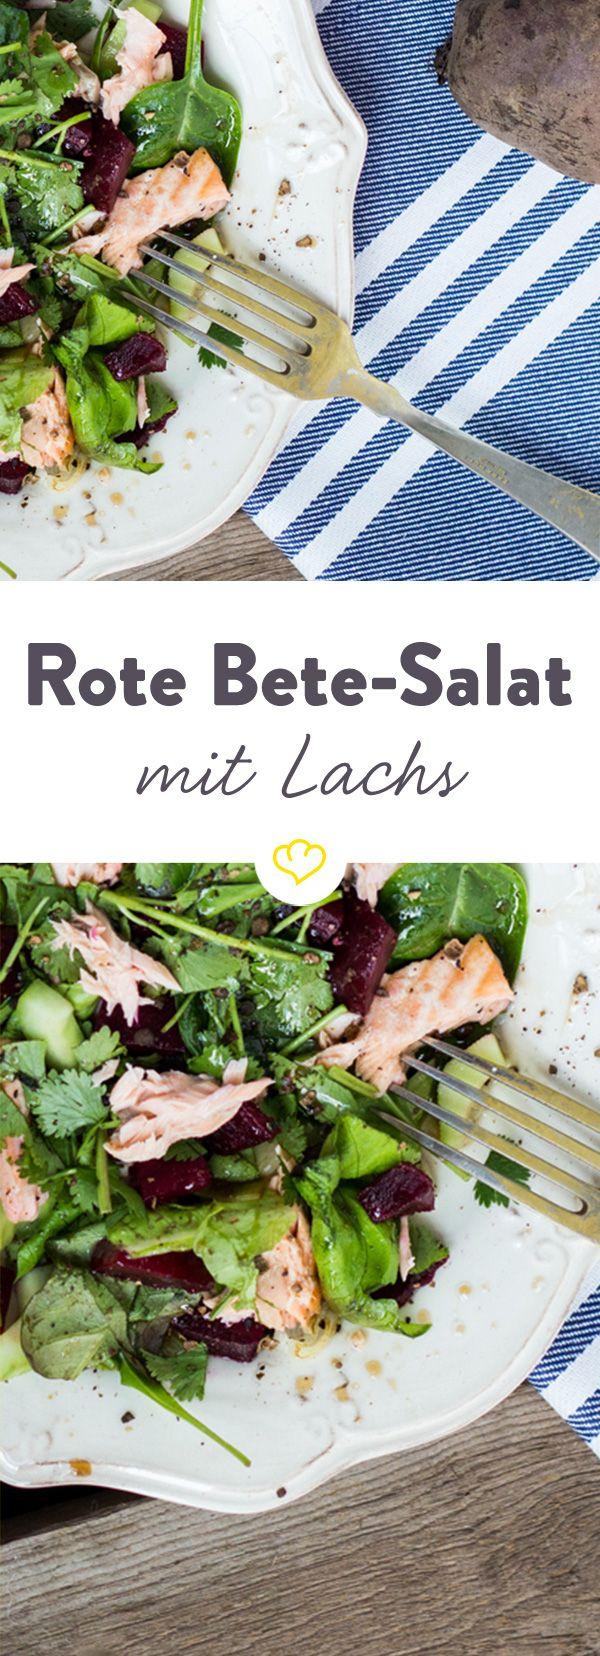 Salat mit Lachs und Rote Beete   – Fisch & Meeresfrüchte